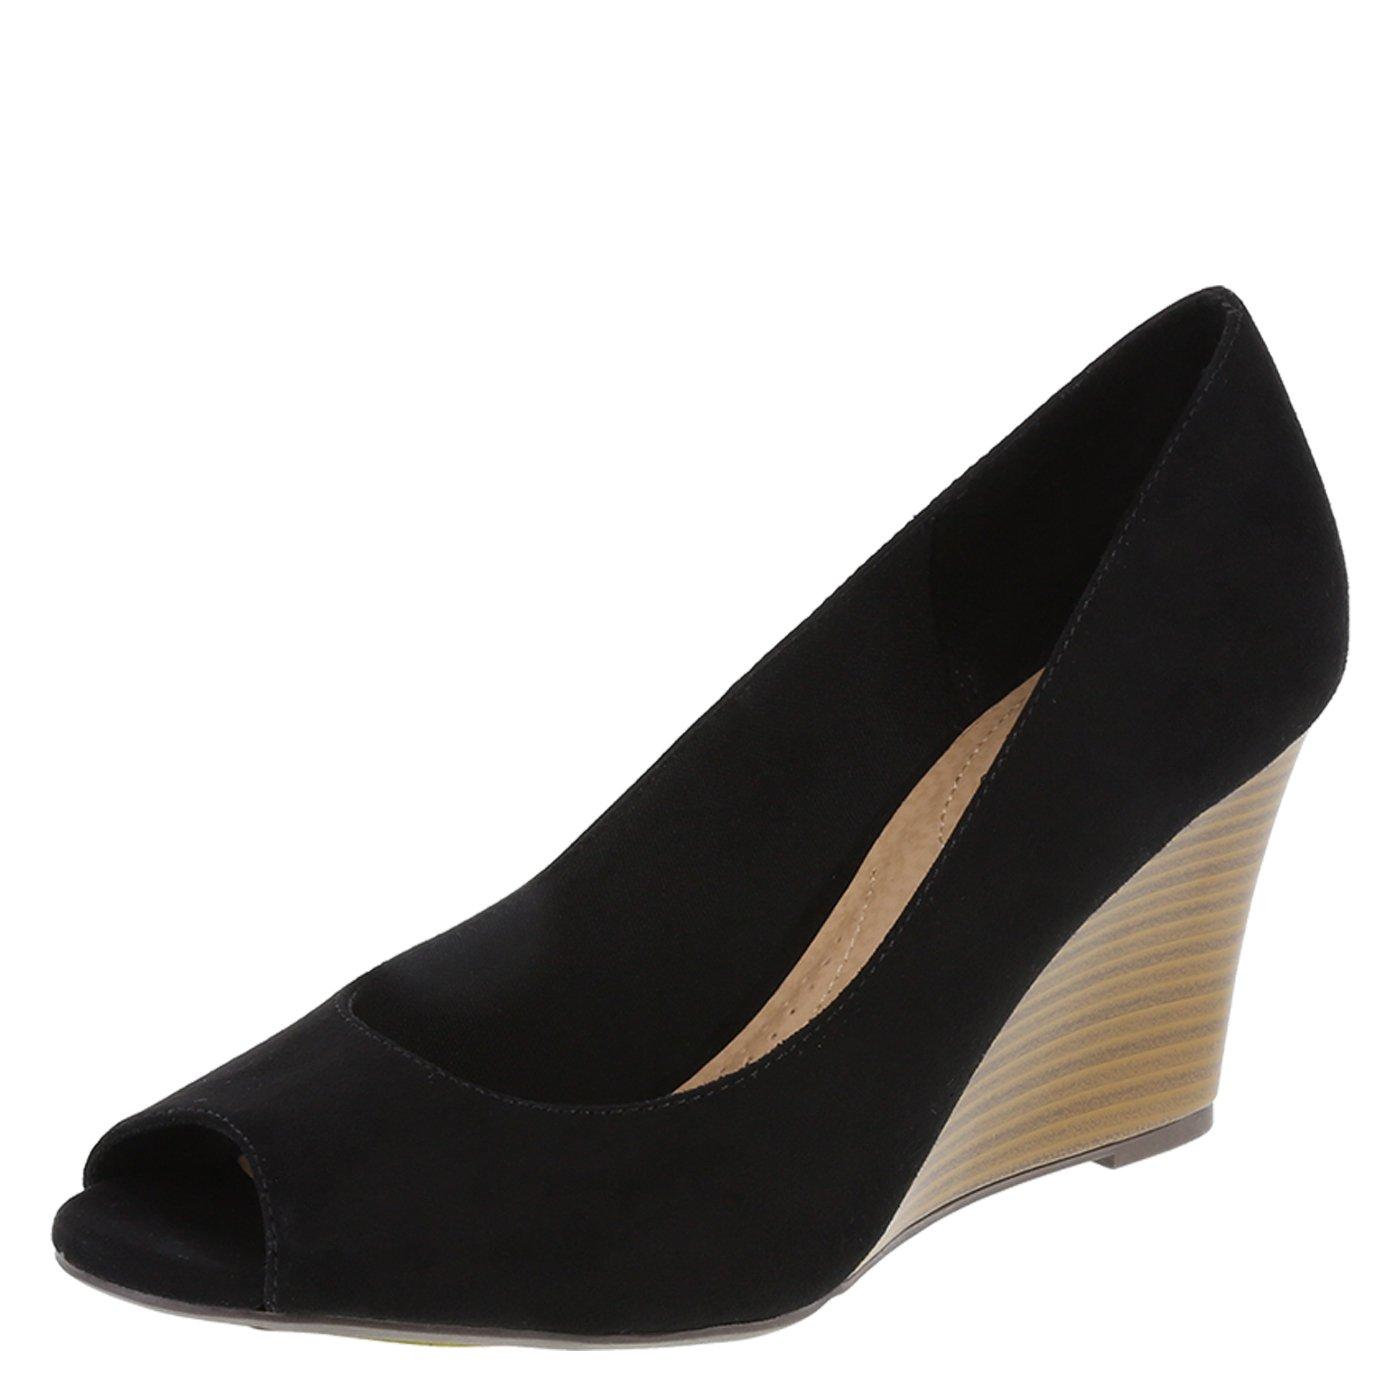 dexflex Comfort Black Suede Women's Kylee Peep-Toe Wedge 5 Wide